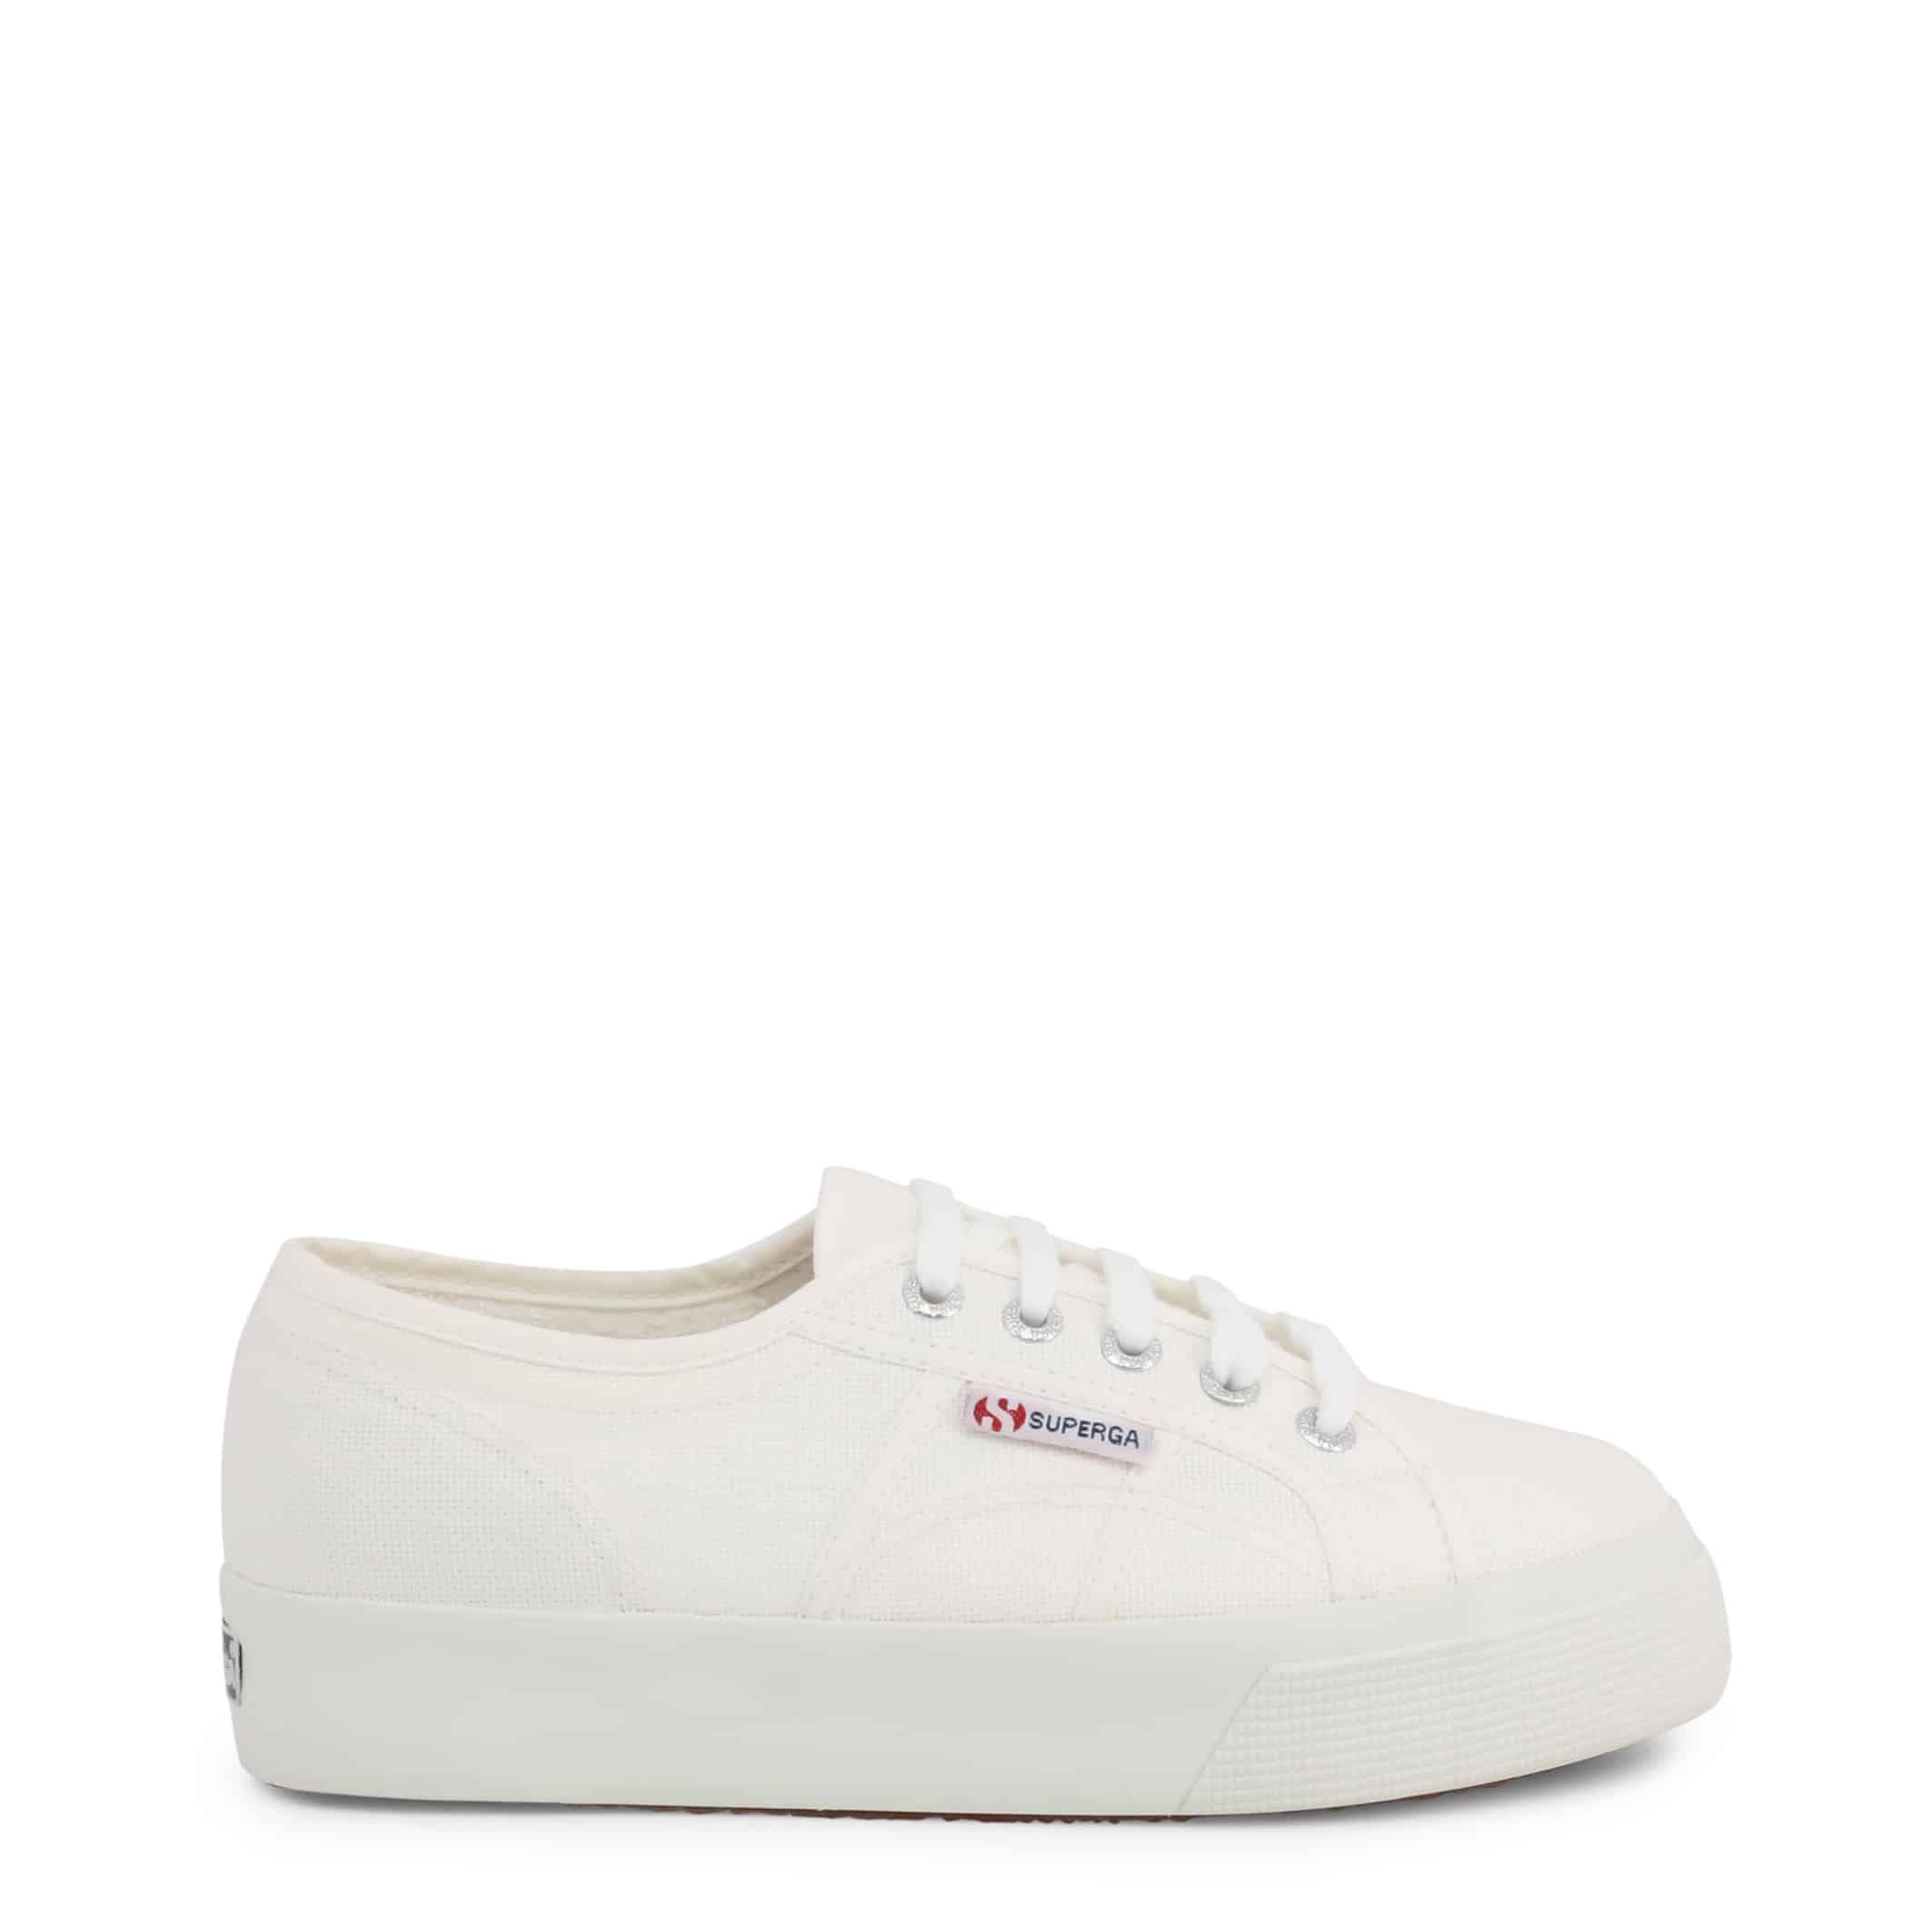 superga white sneakers women